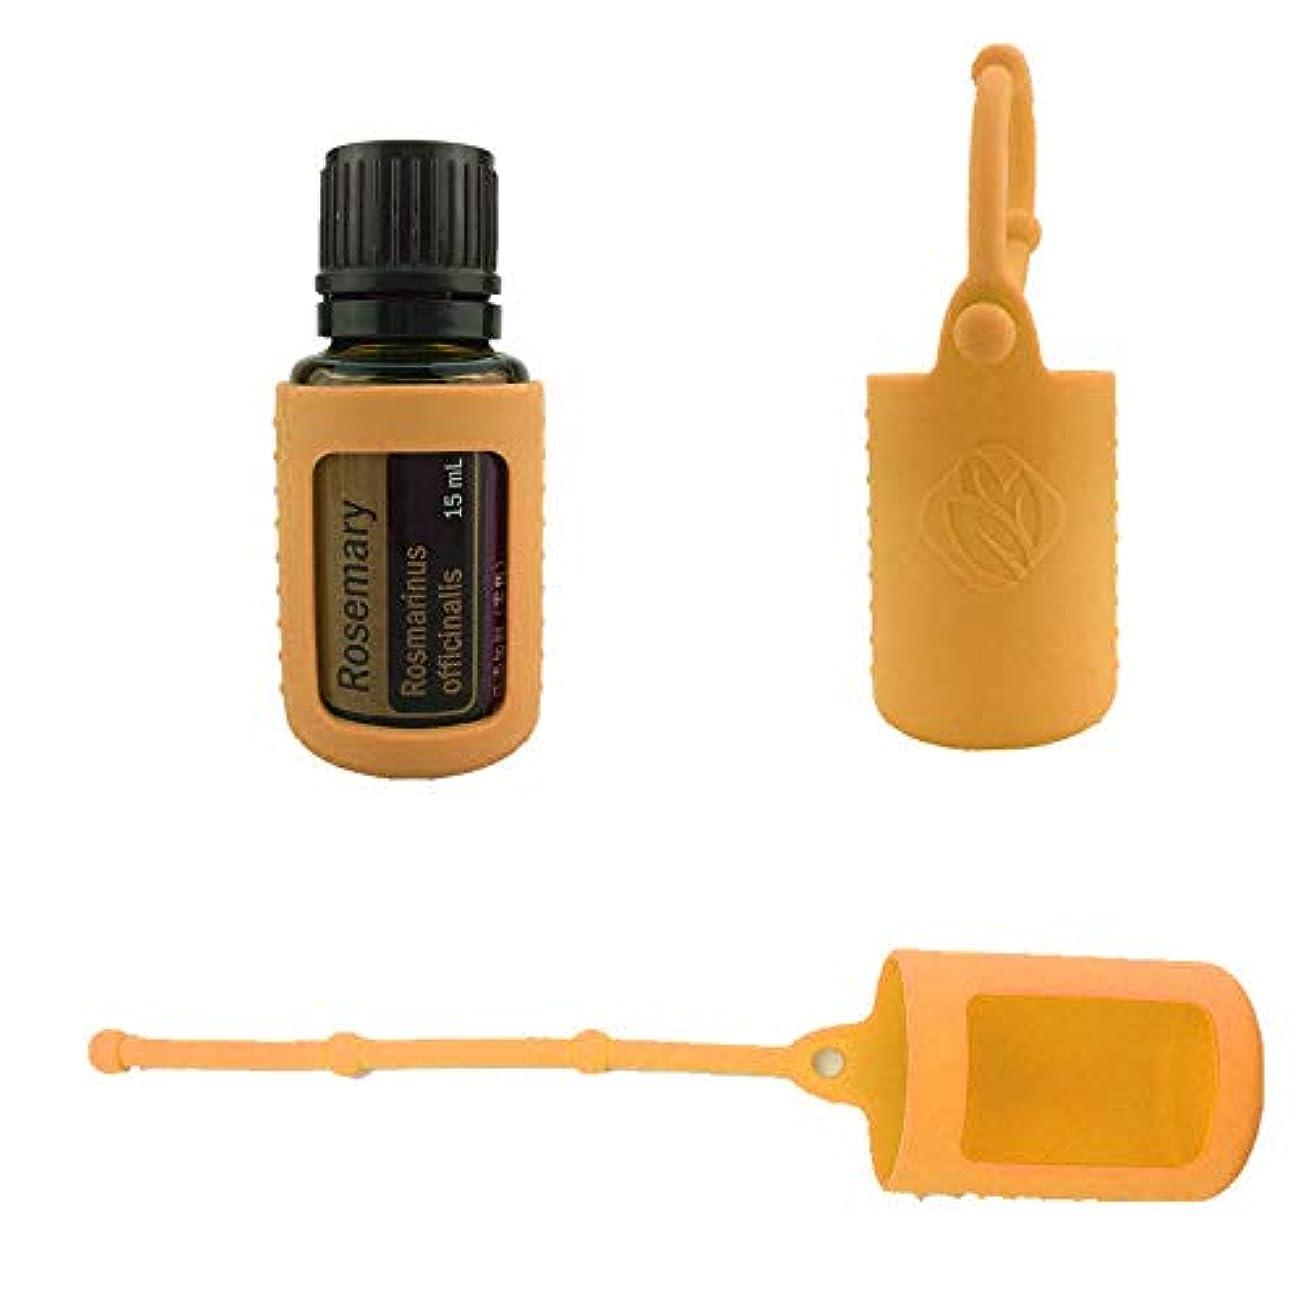 農奴含意戸棚6パック熱望オイルボトルシリコンローラーボトルホルダースリーブエッセンシャルオイルボトル保護カバーケースハングロープ - オレンジ - 6-pcs 15ml